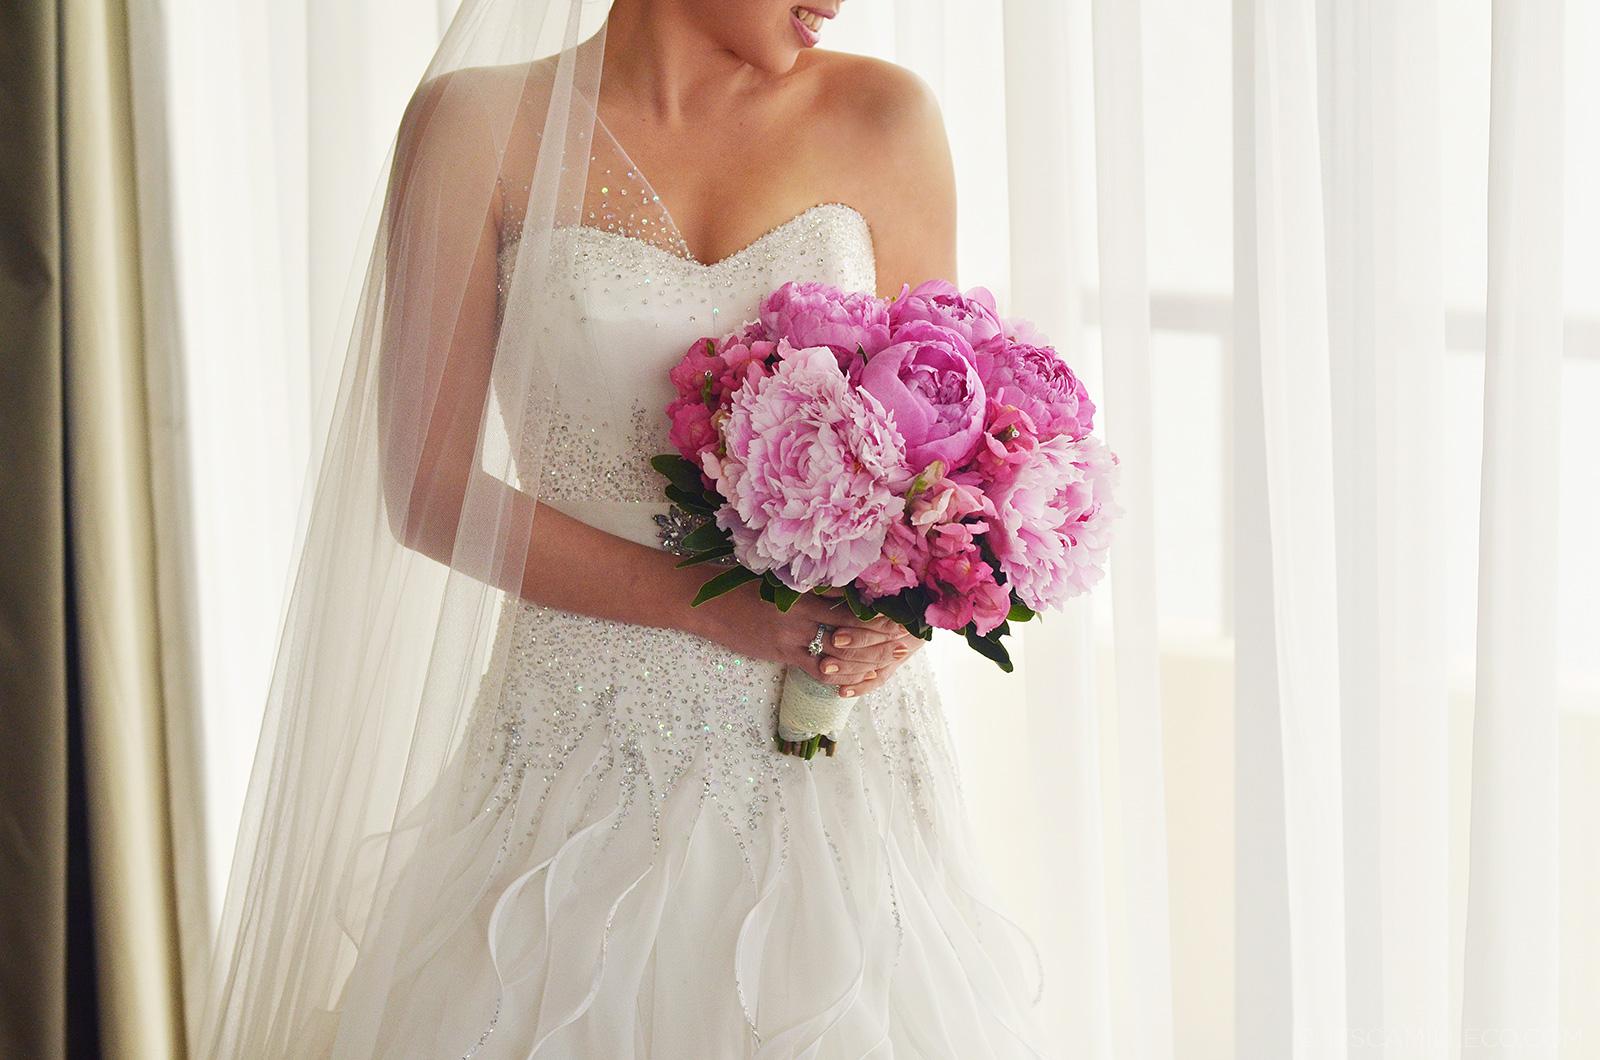 Design My Wedding Dress 42 Vintage itscamilleco